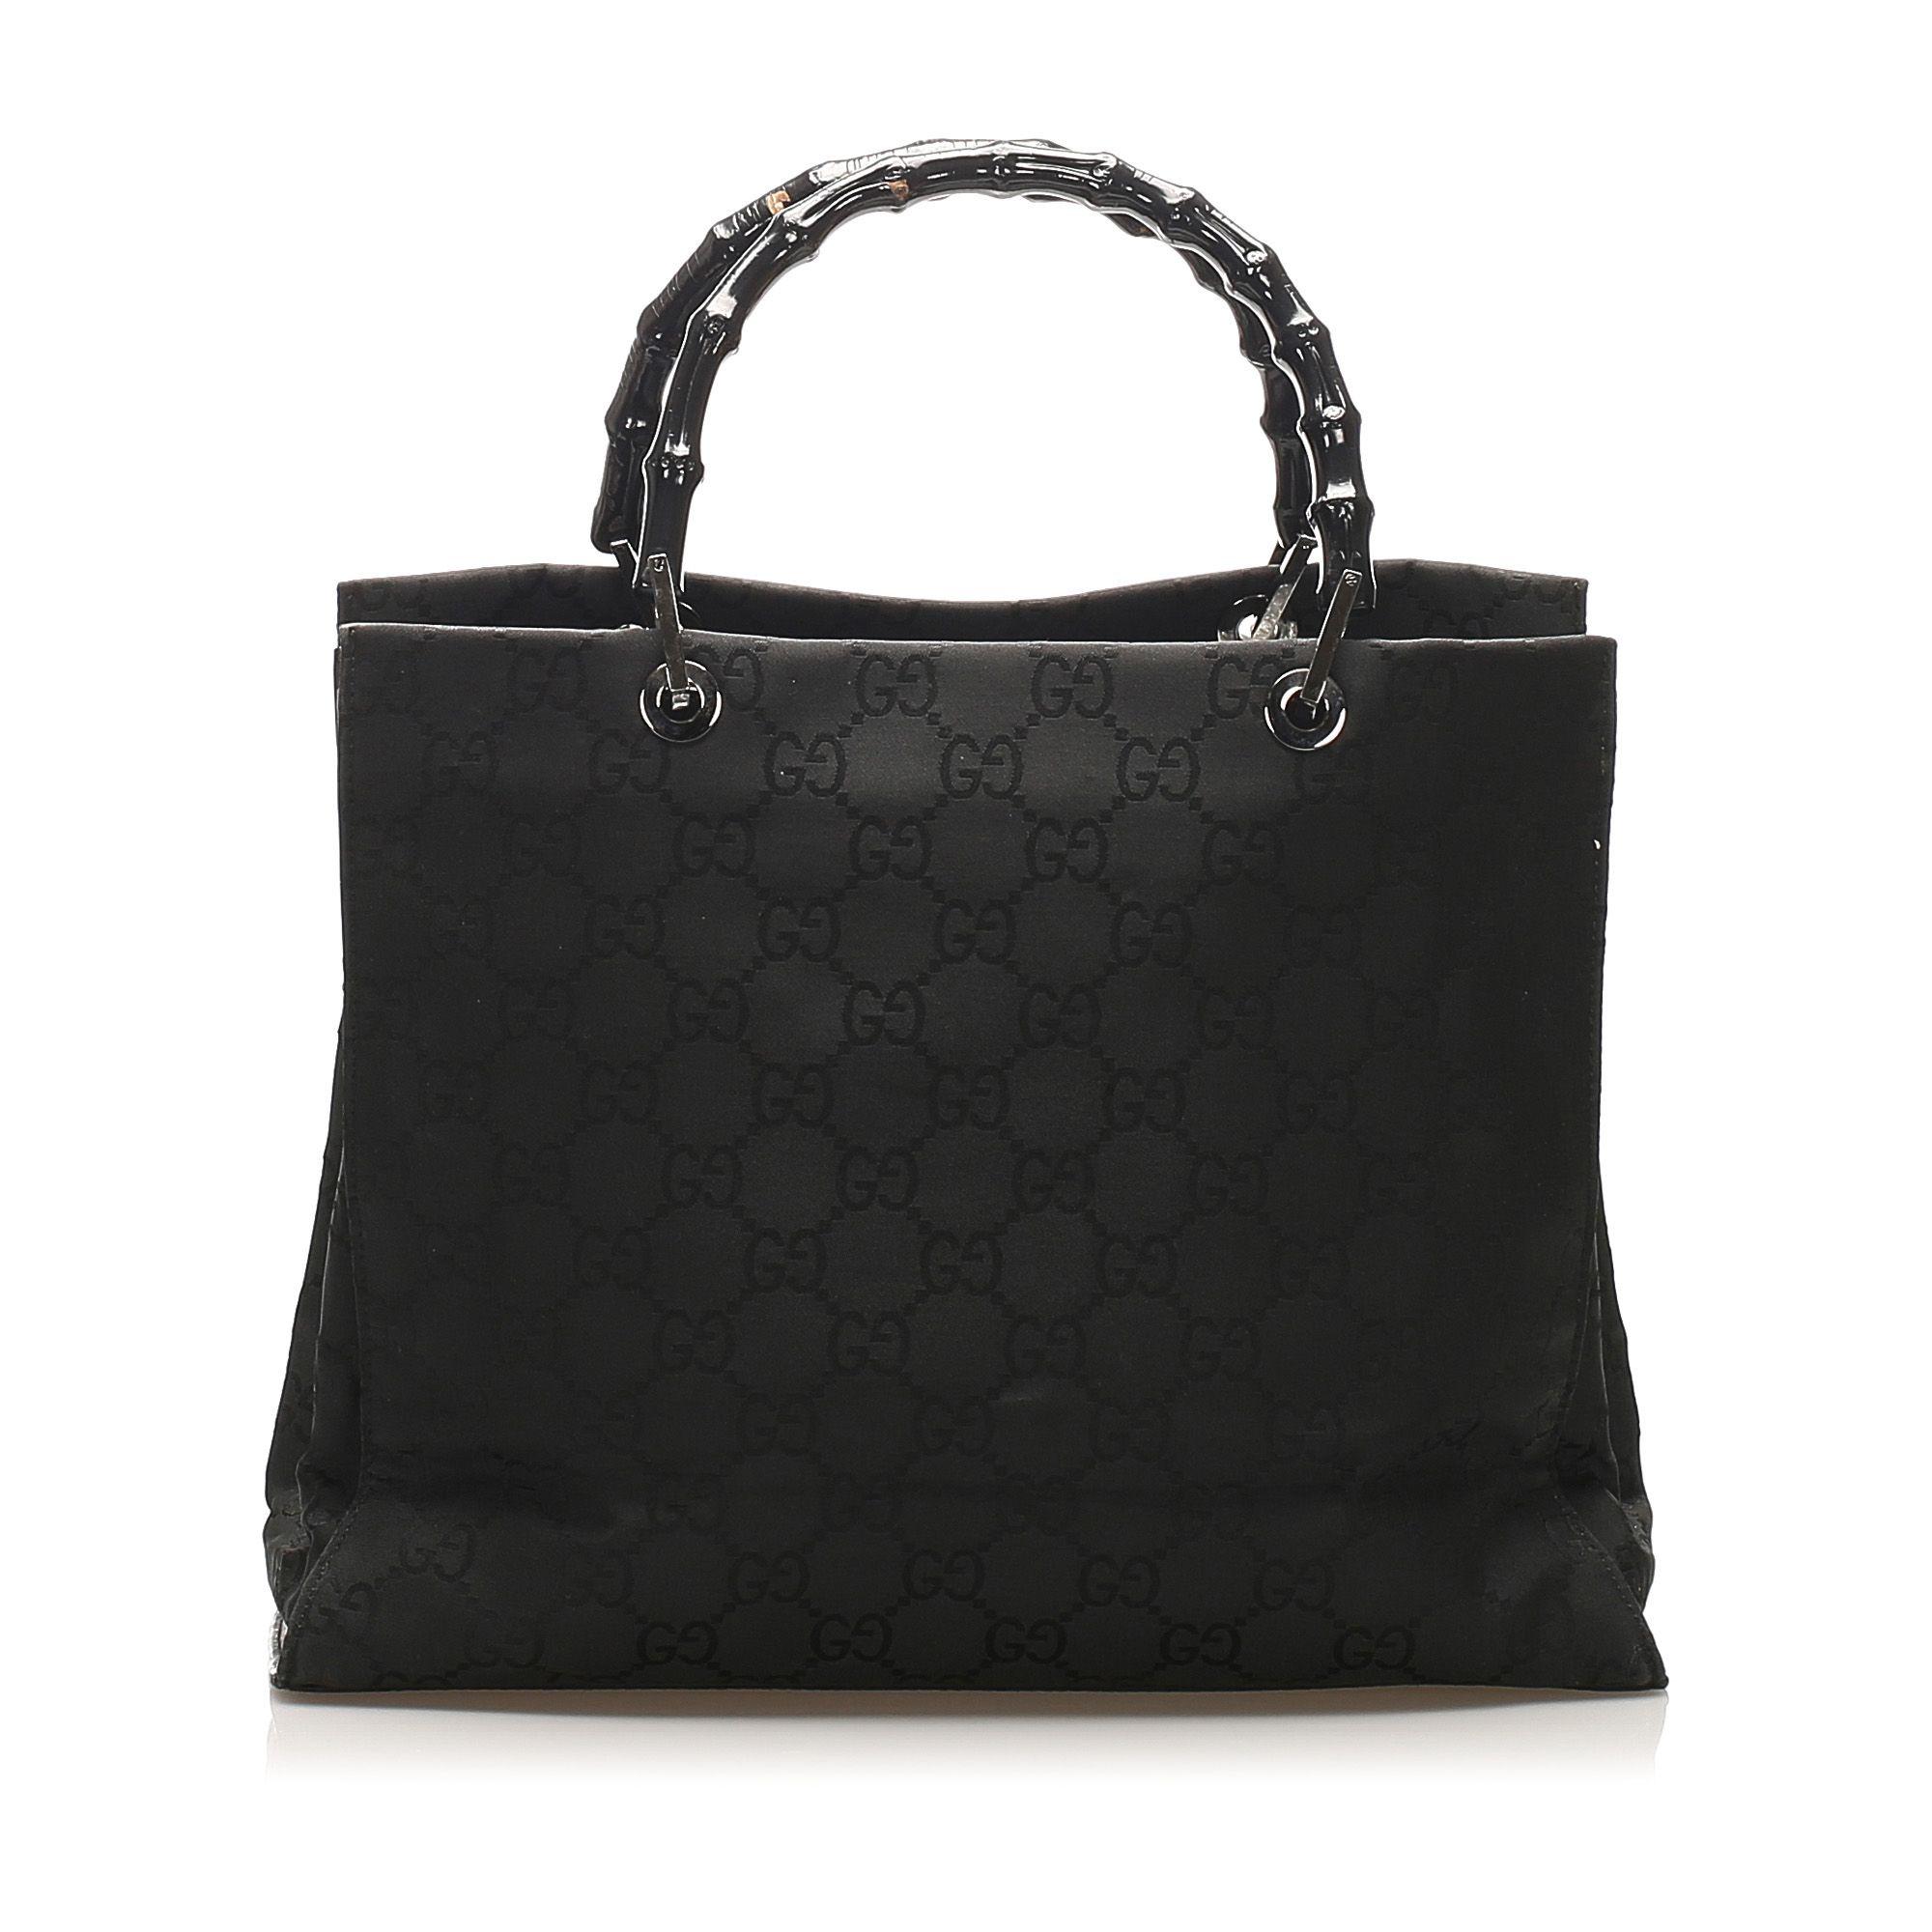 Vintage Gucci Bamboo Canvas Handbag Black